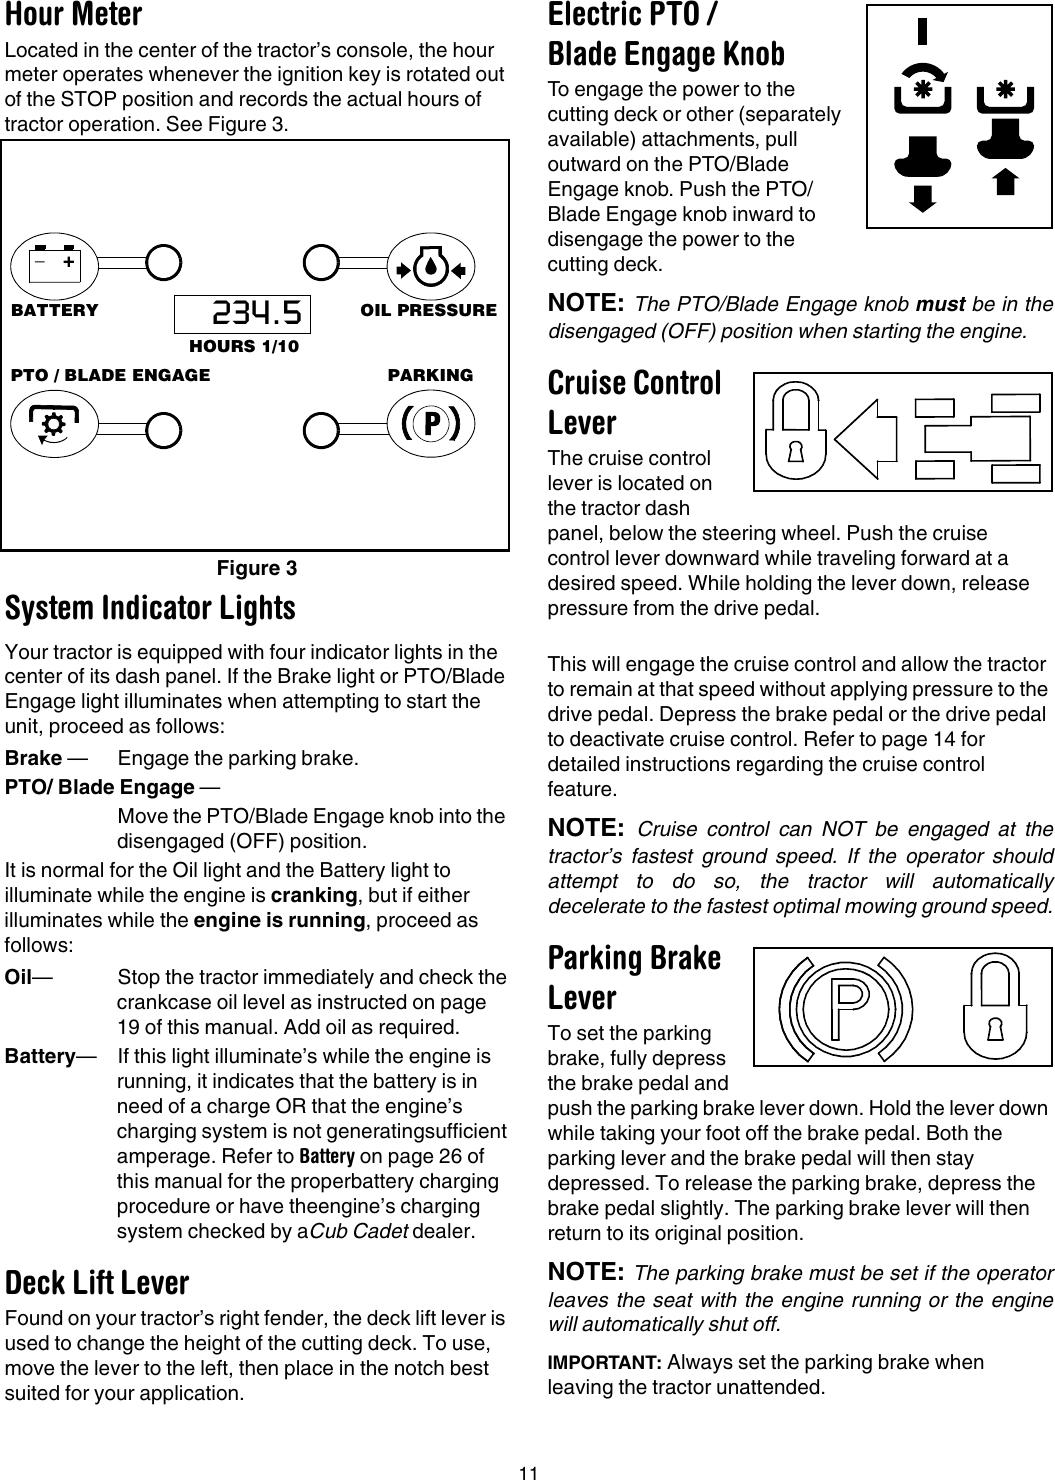 Cub Cadet Lt1045 Operators Manual 769 01514B